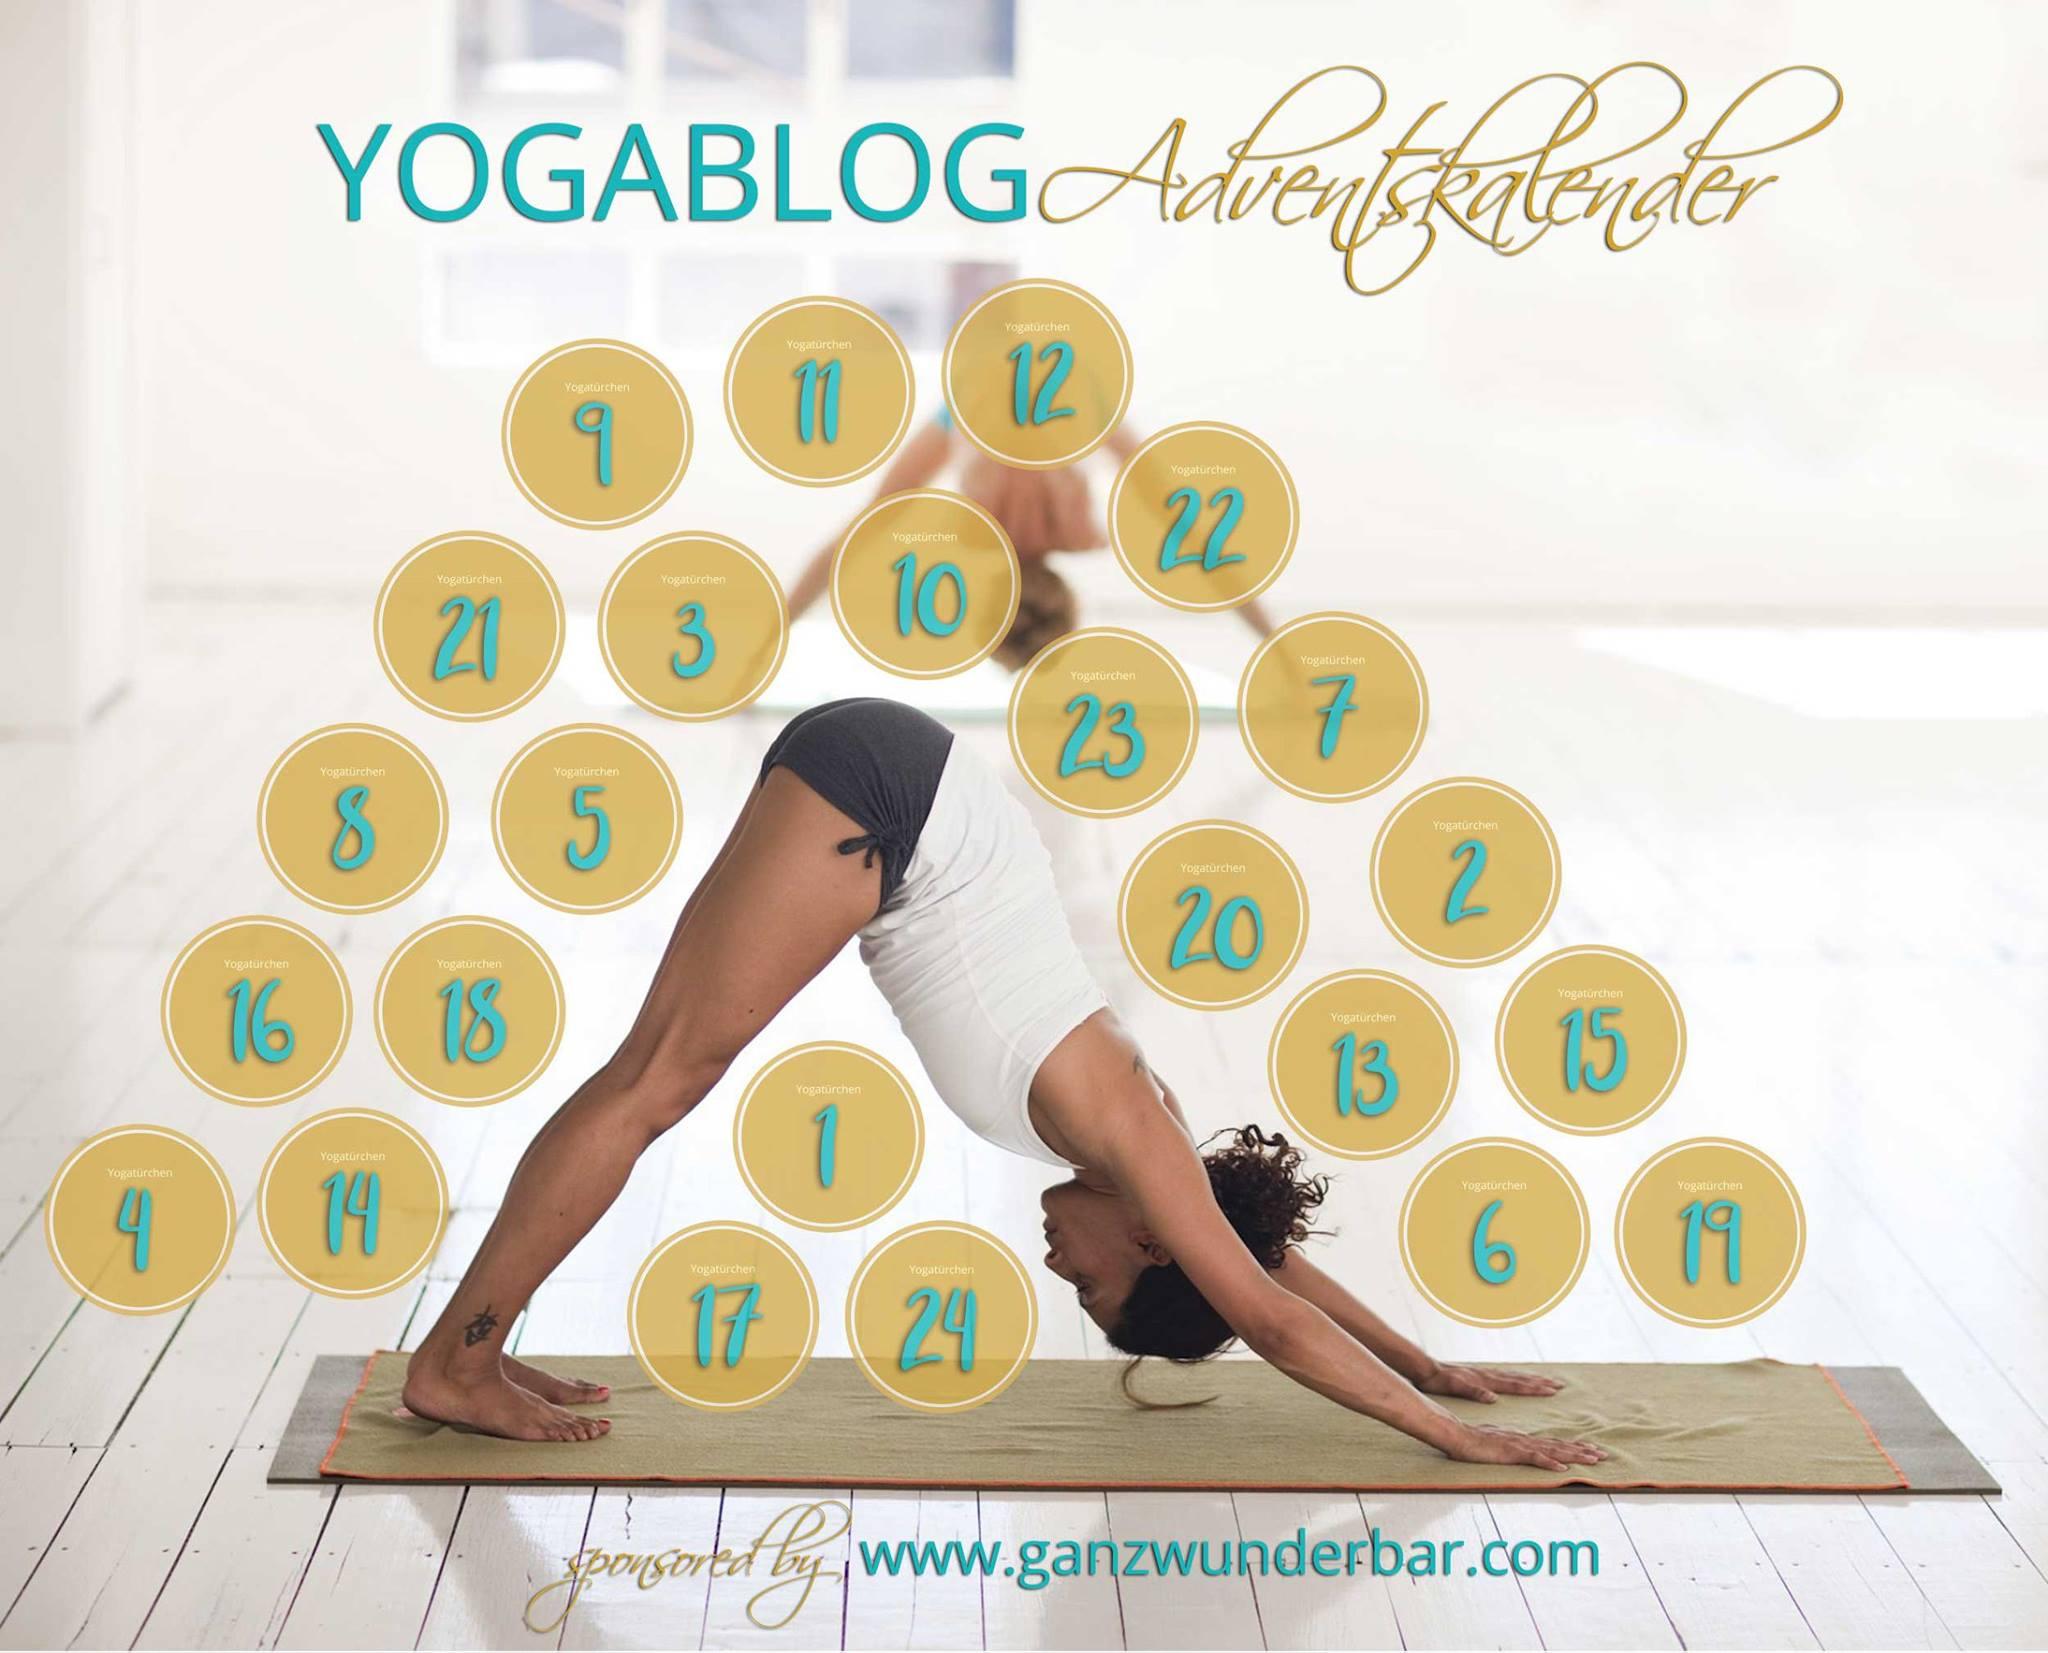 Der Yoga Blog Adventskalender 2017